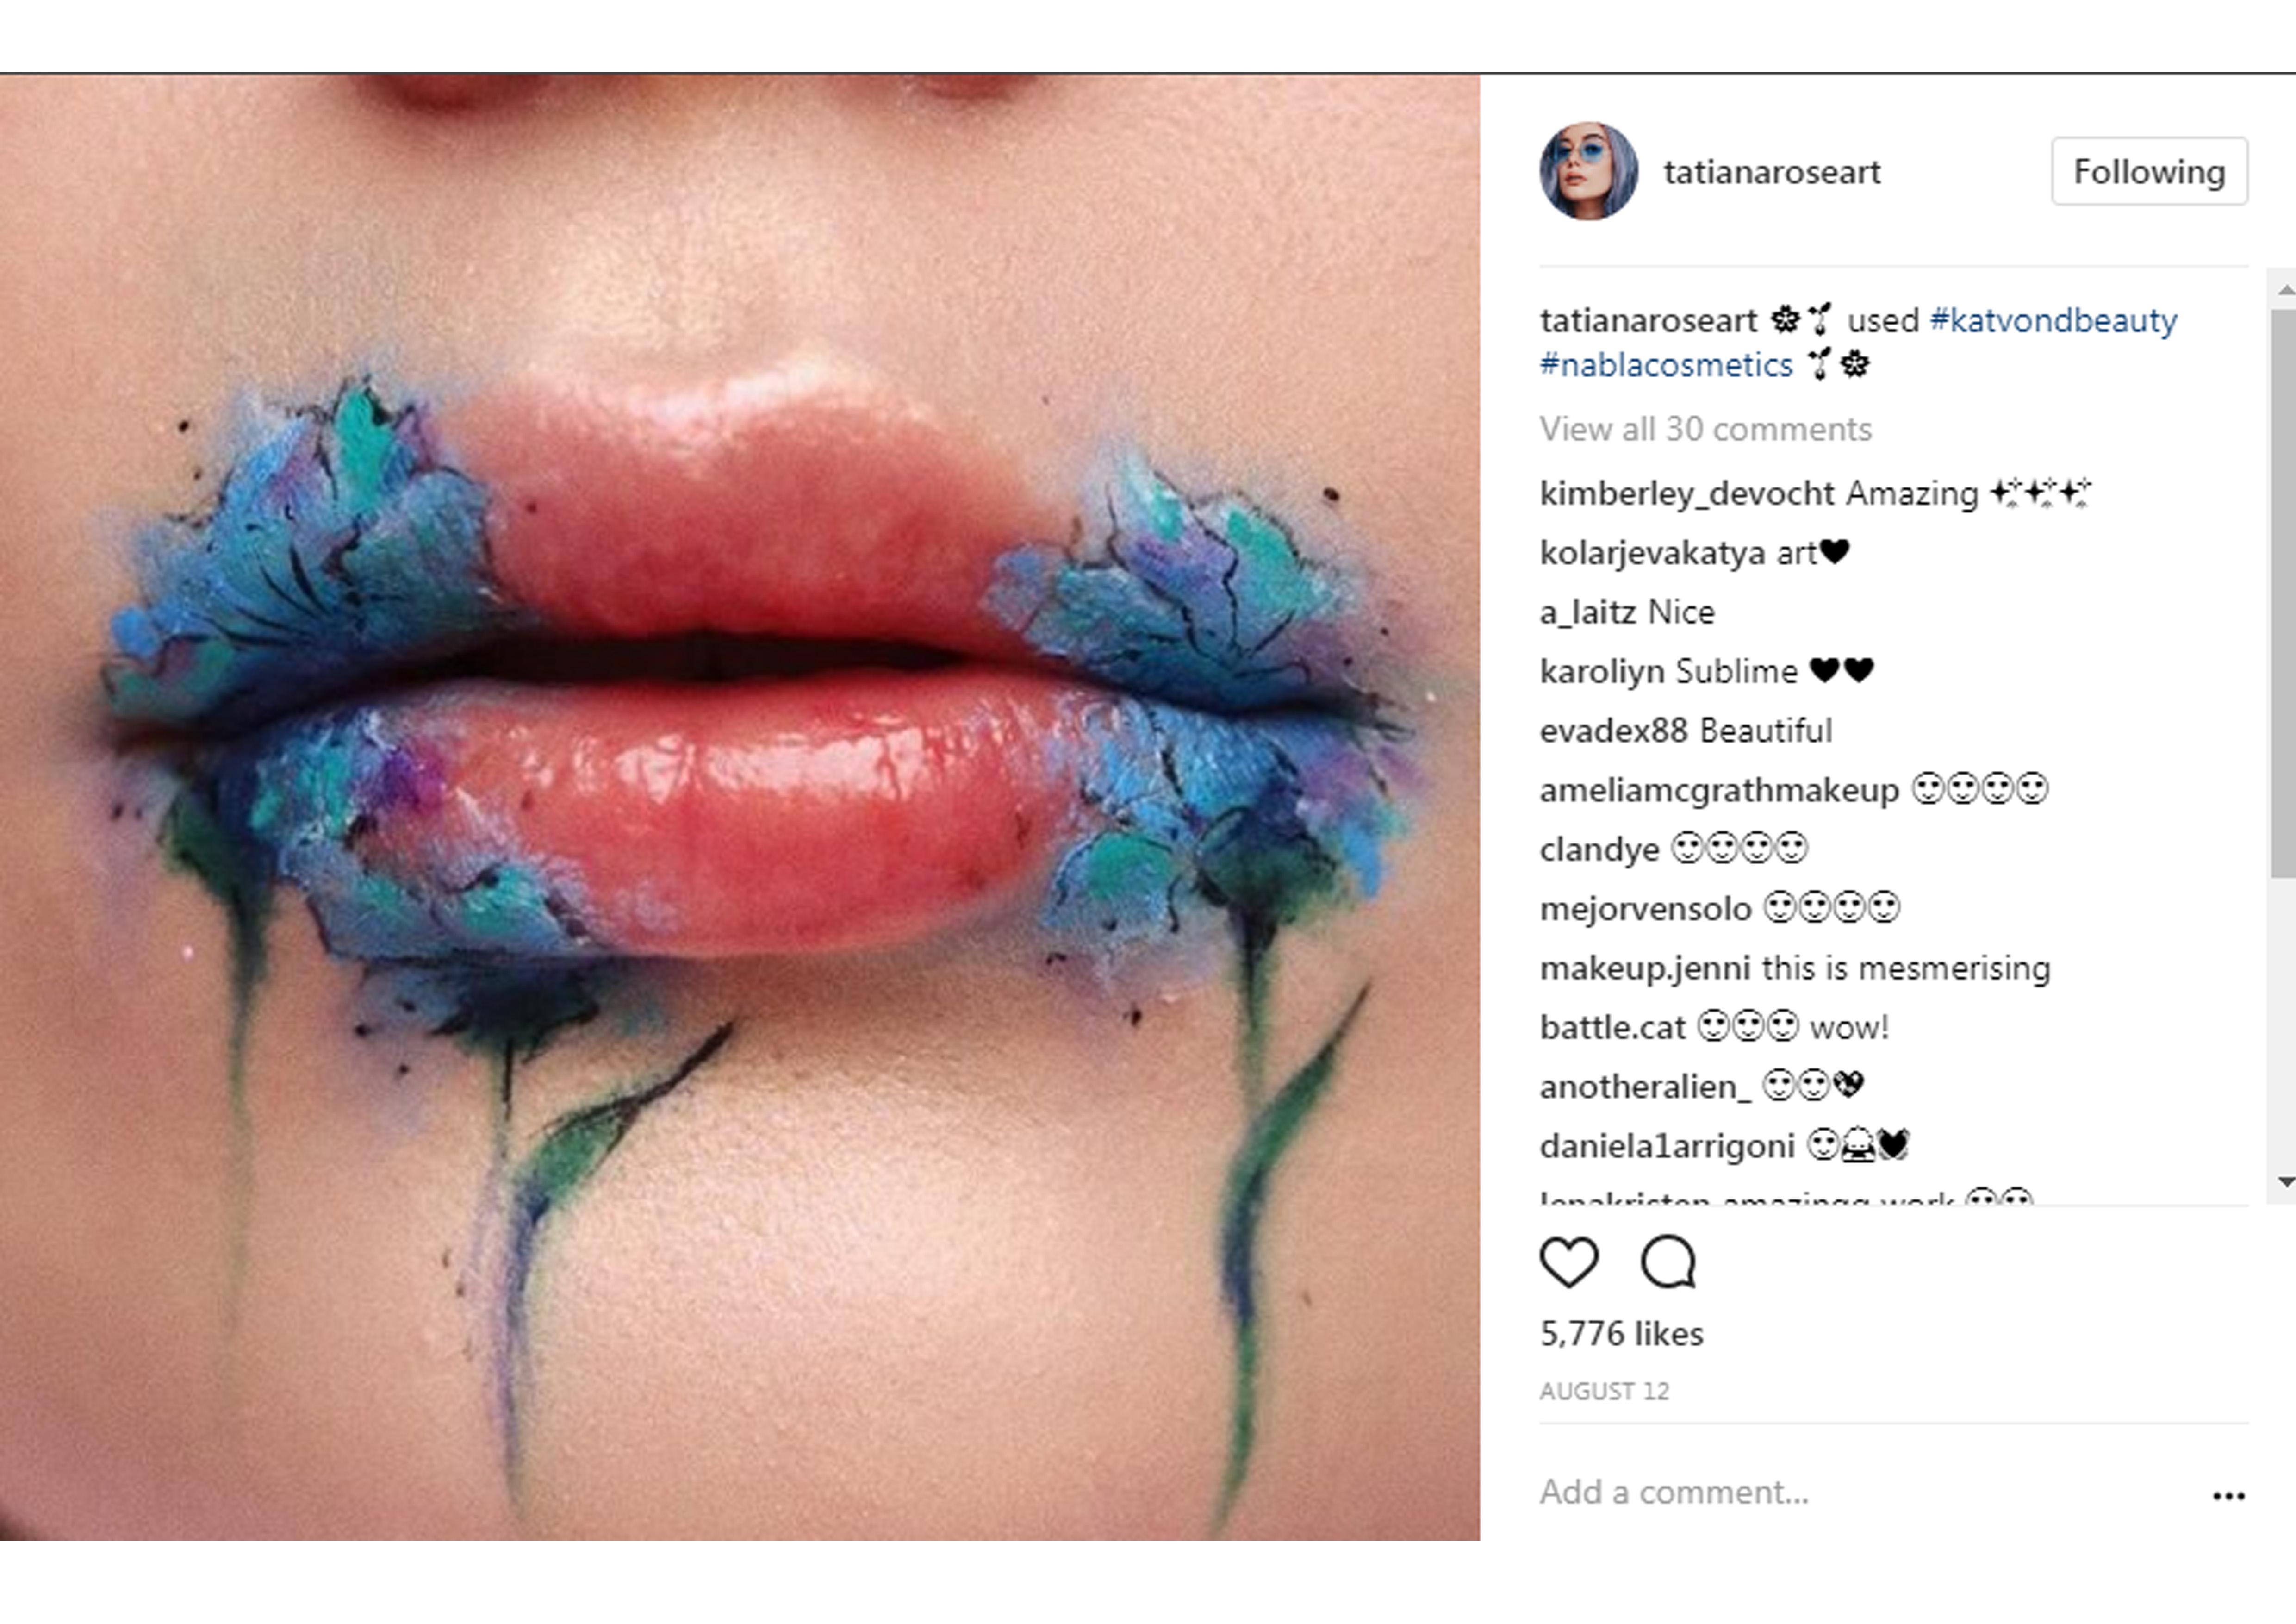 Instaglam - ngẫu hứng sáng tạo trong nghệ thuật trang điểm